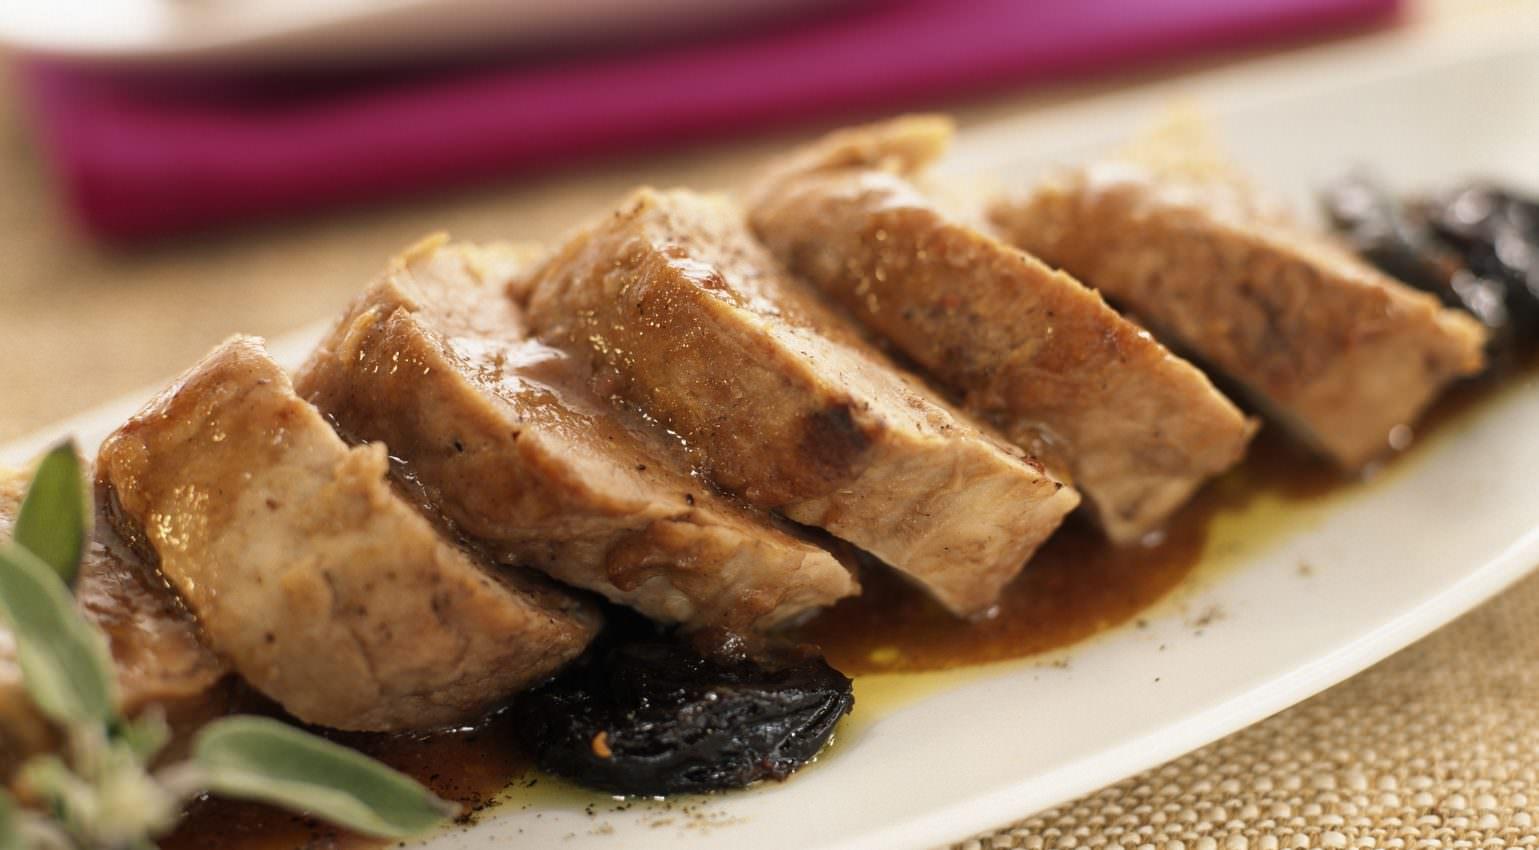 filet mignon de veau aux pruneaux un classique des recettes sal s sucr s les recettes de cuisine. Black Bedroom Furniture Sets. Home Design Ideas